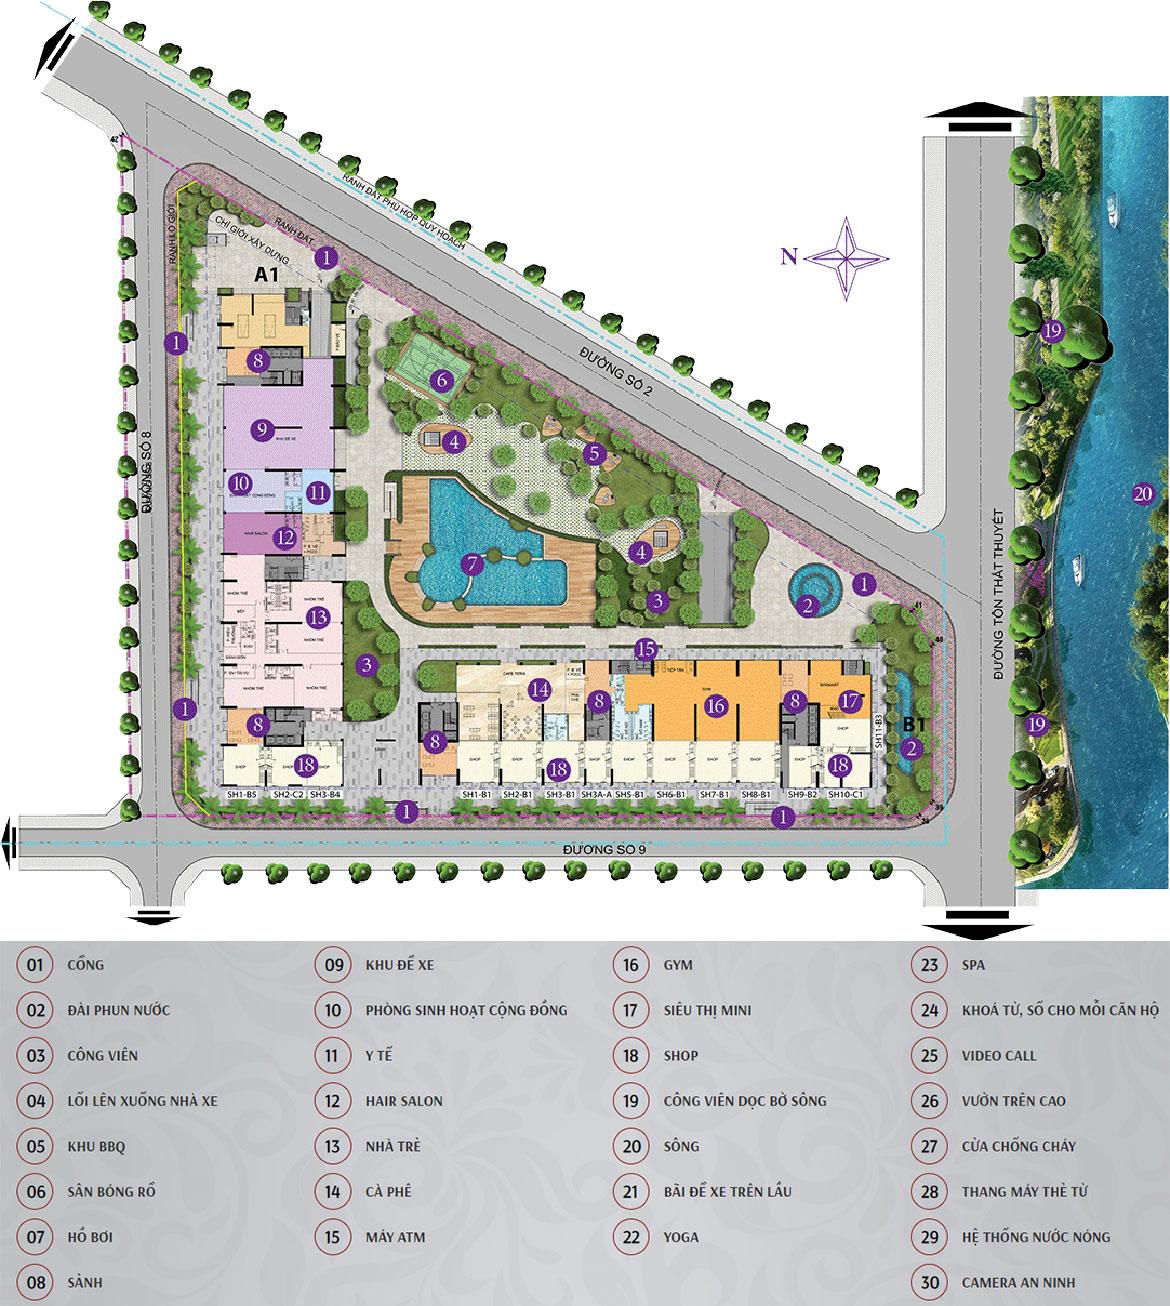 Mặt bằng bố trí tiện ích bên trong dự án căn hộ chung cư Charmington Iris Quận 4 Đường Tôn Thất Thuyết